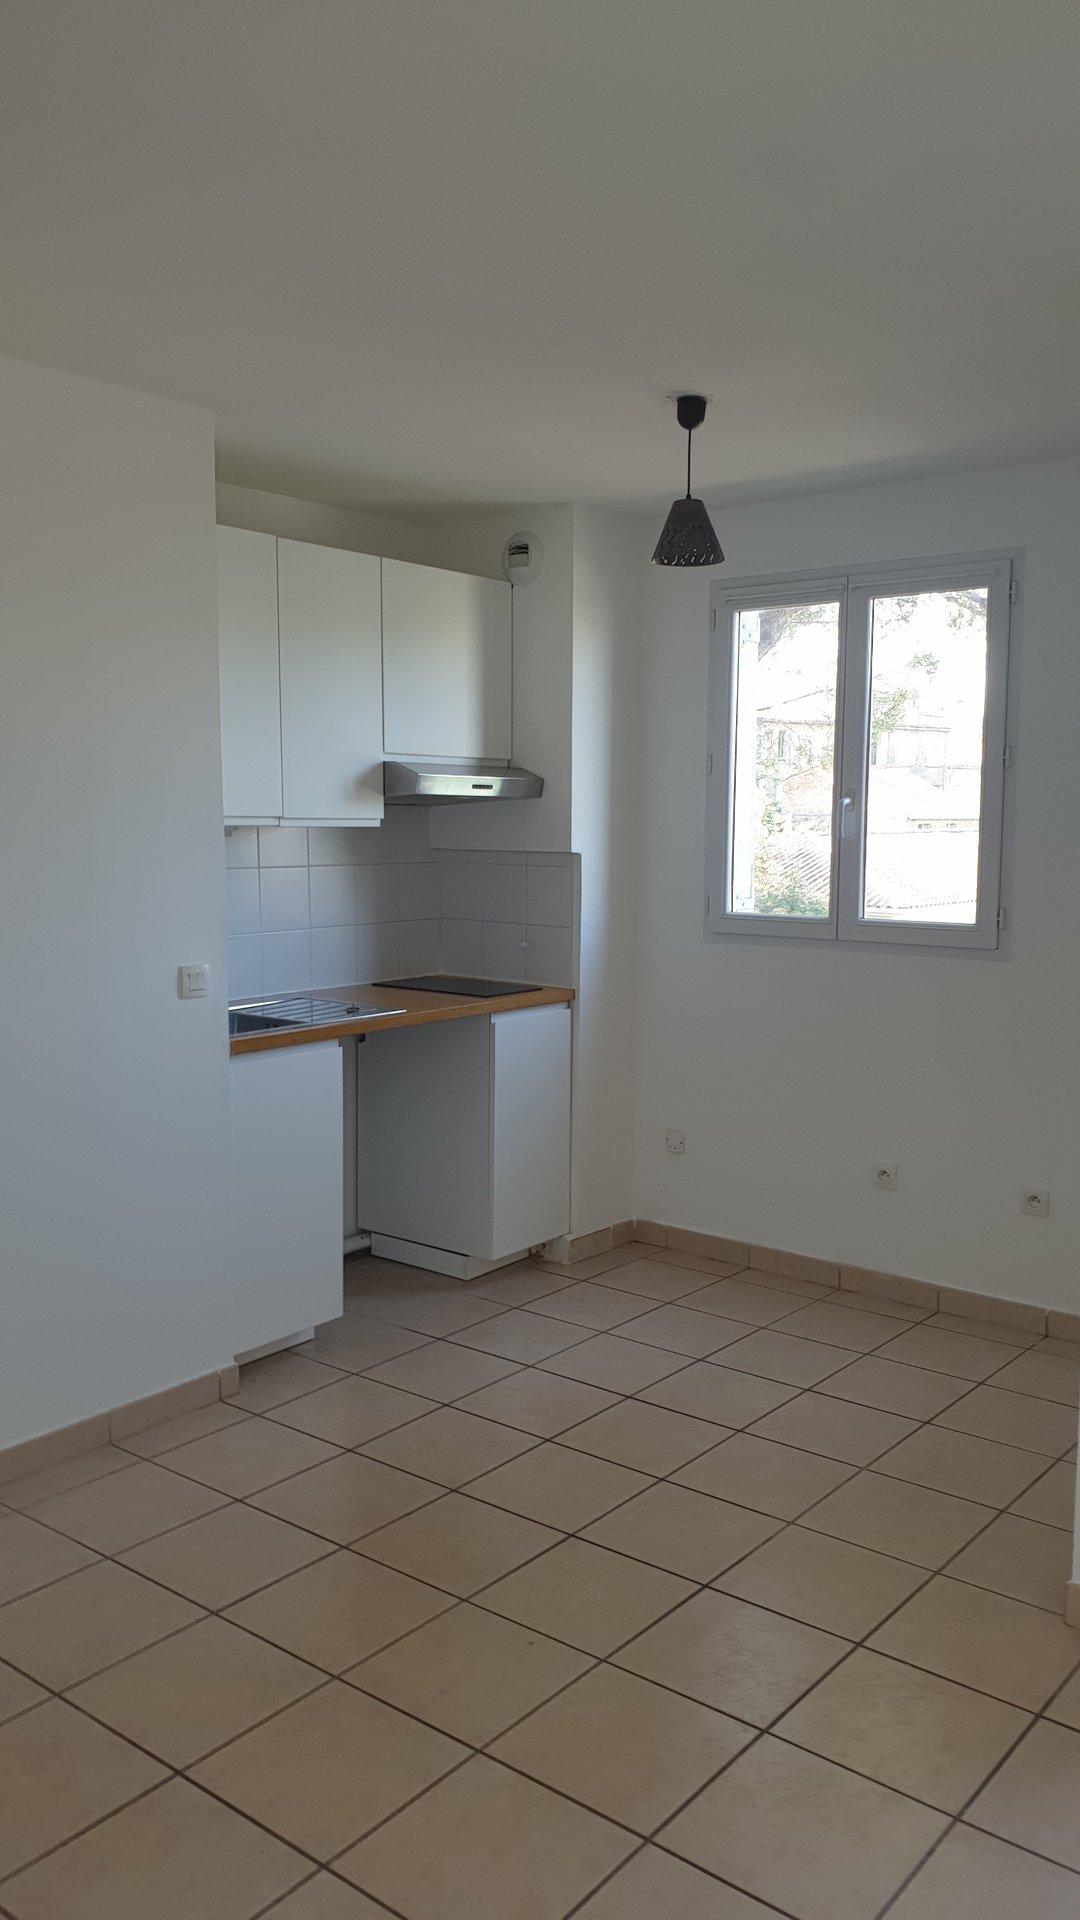 Appartement T2 à louer - Centre ville de Cogolin